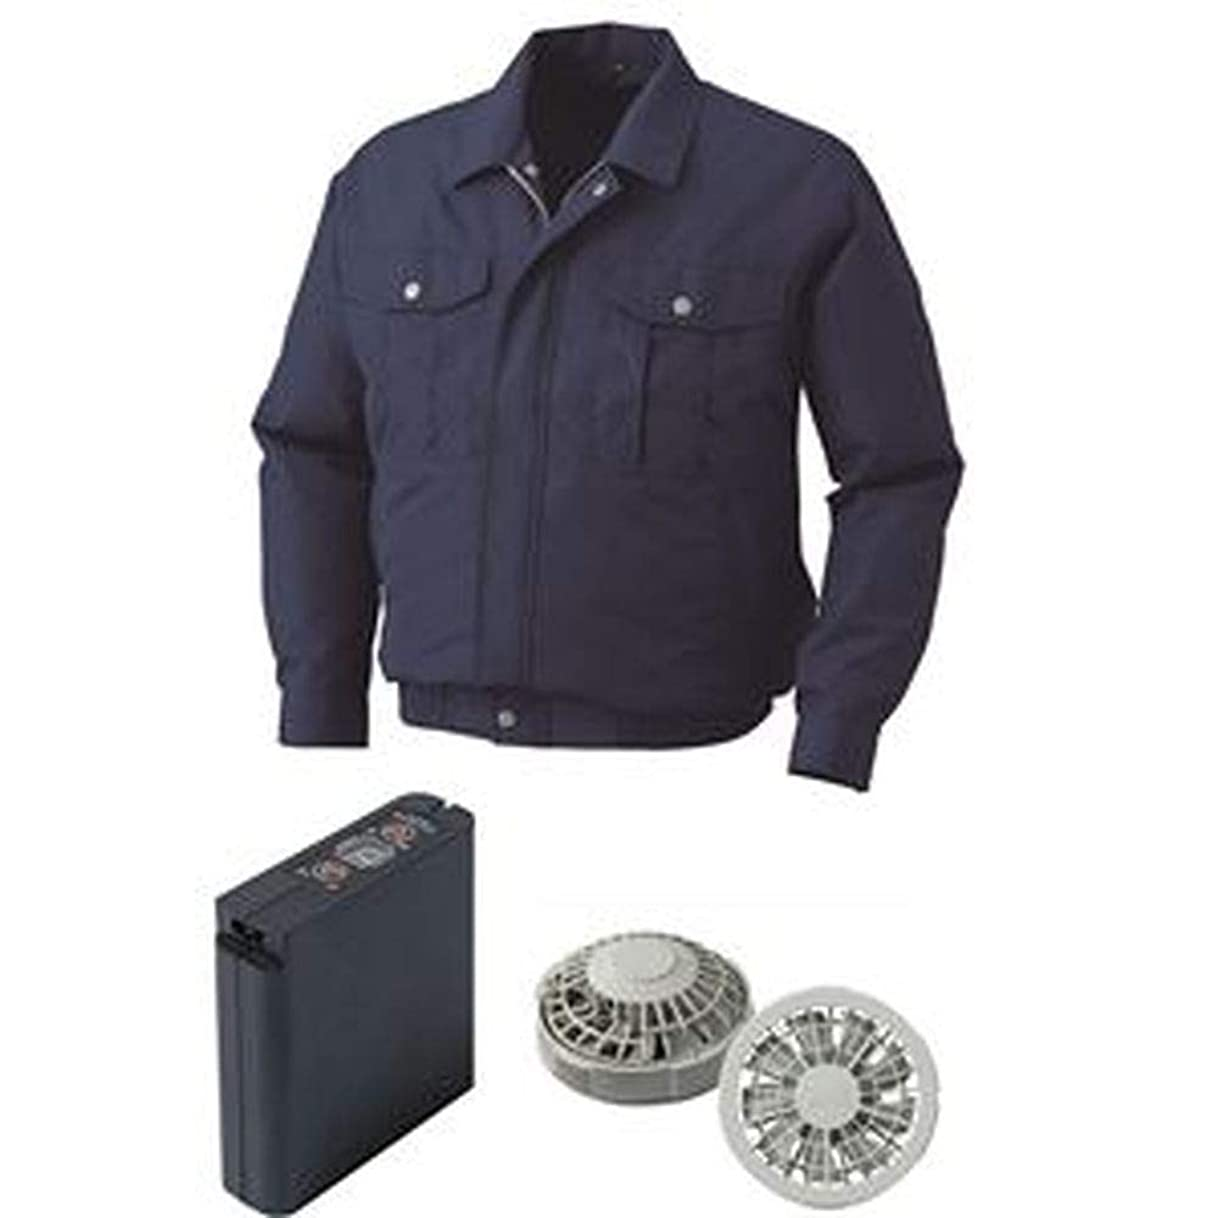 大量劣る靄空調服/ポリエステル製ワーク空調服/大容量バッテリーセット/ファンカラー:グレー / 0540G22C14S1 / - カラー:ダークブルー/サイズ:S -